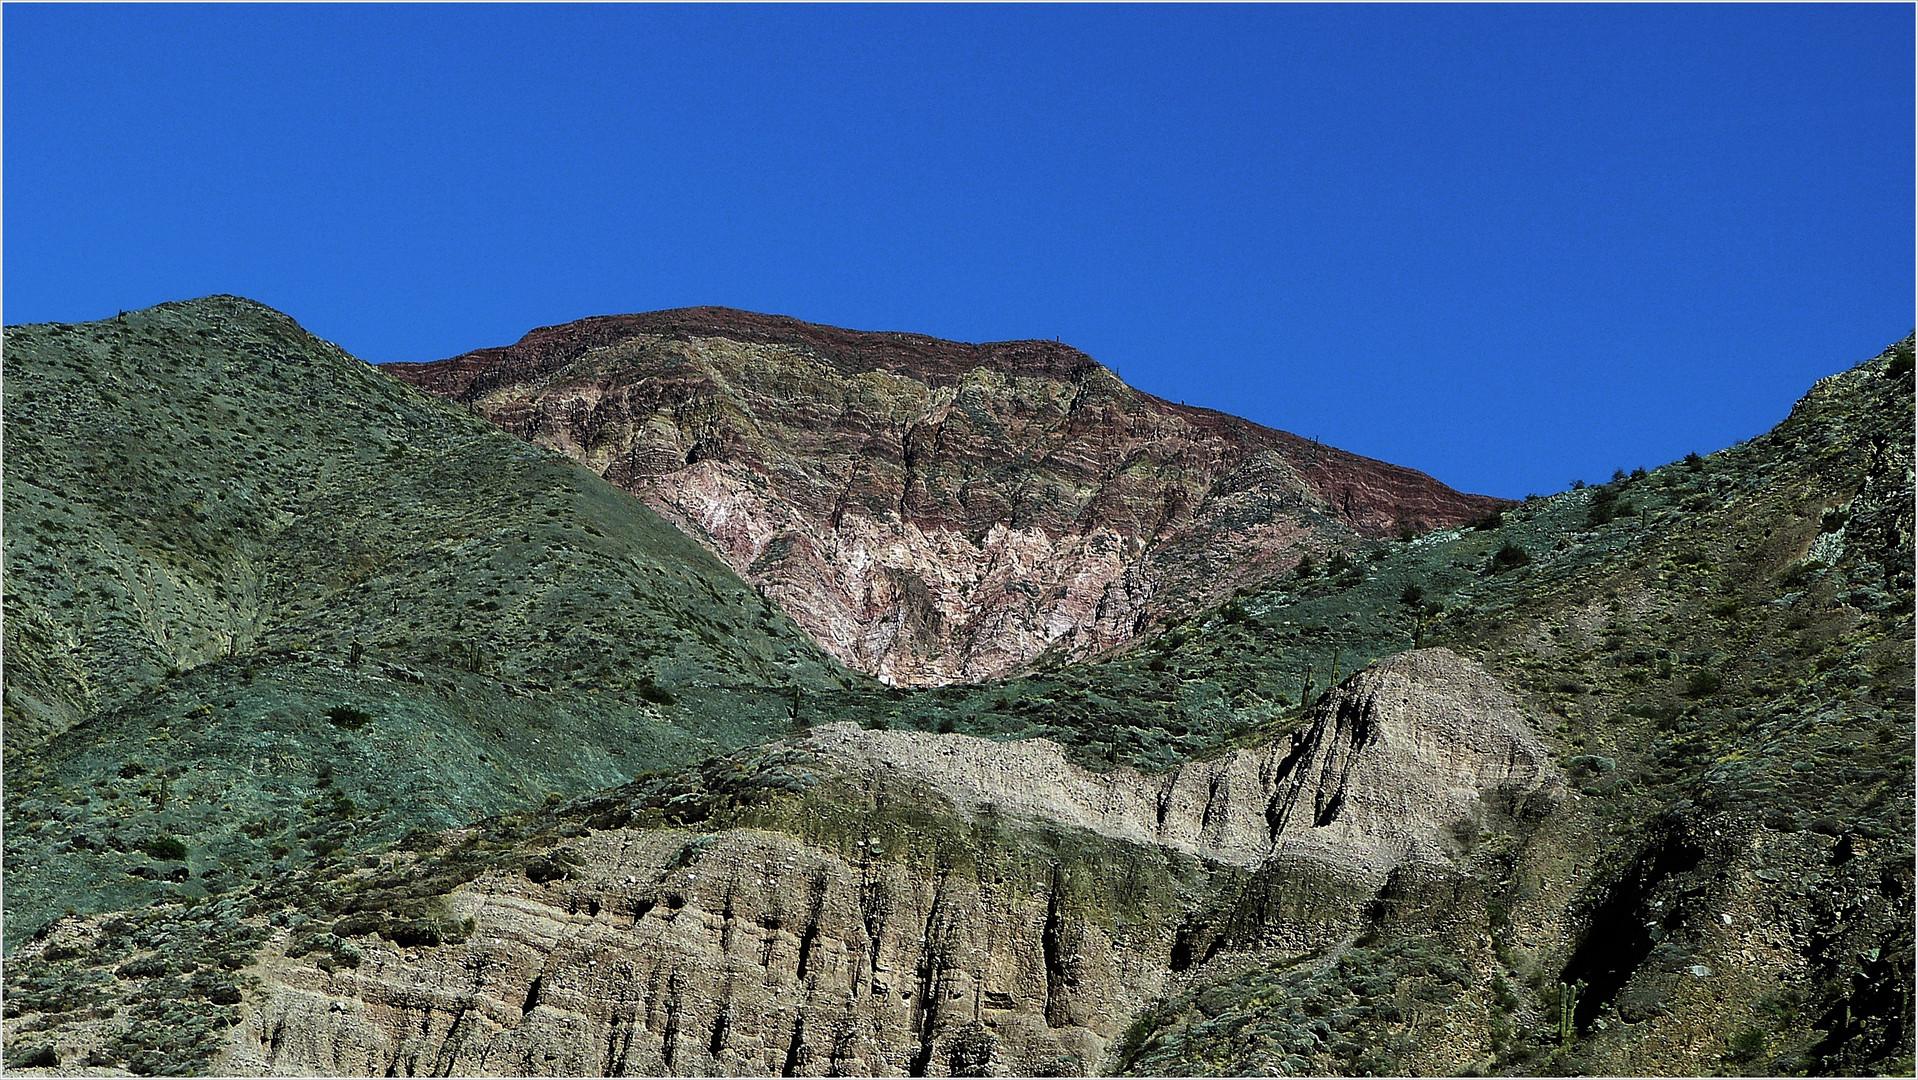 Quebrada de Humahuaca 2